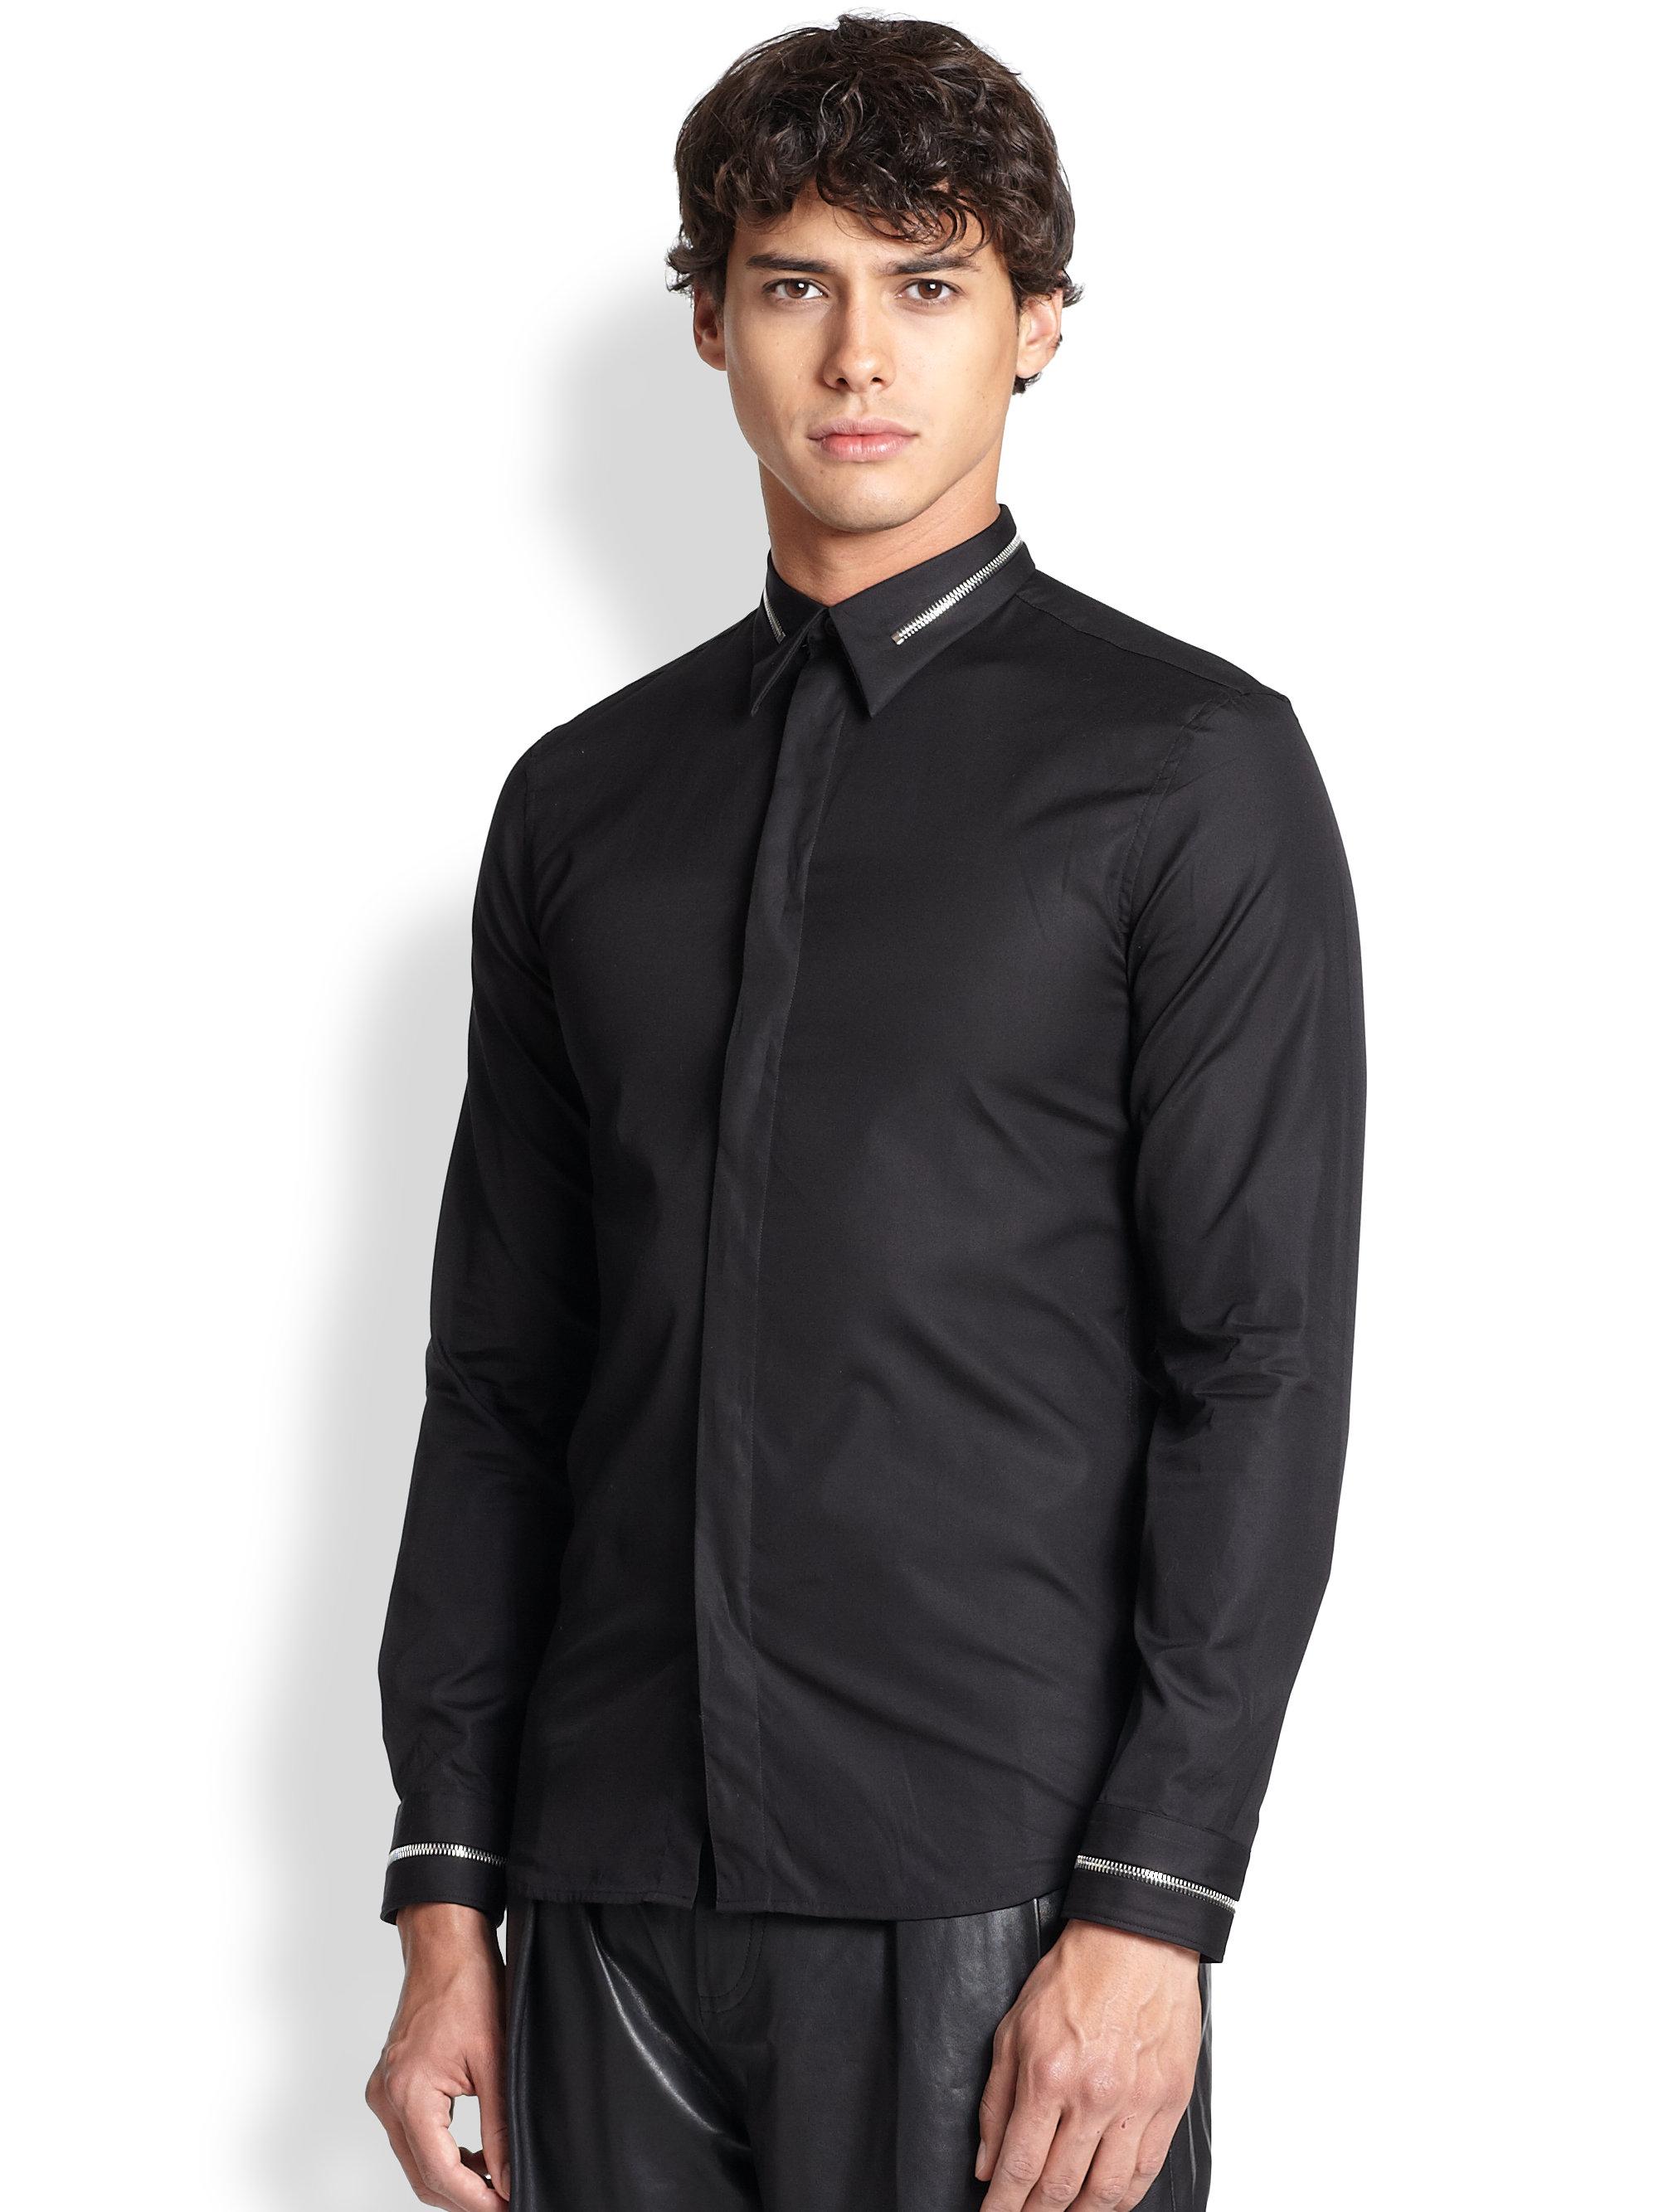 givenchy zip embellished sportshirt in black for men lyst. Black Bedroom Furniture Sets. Home Design Ideas